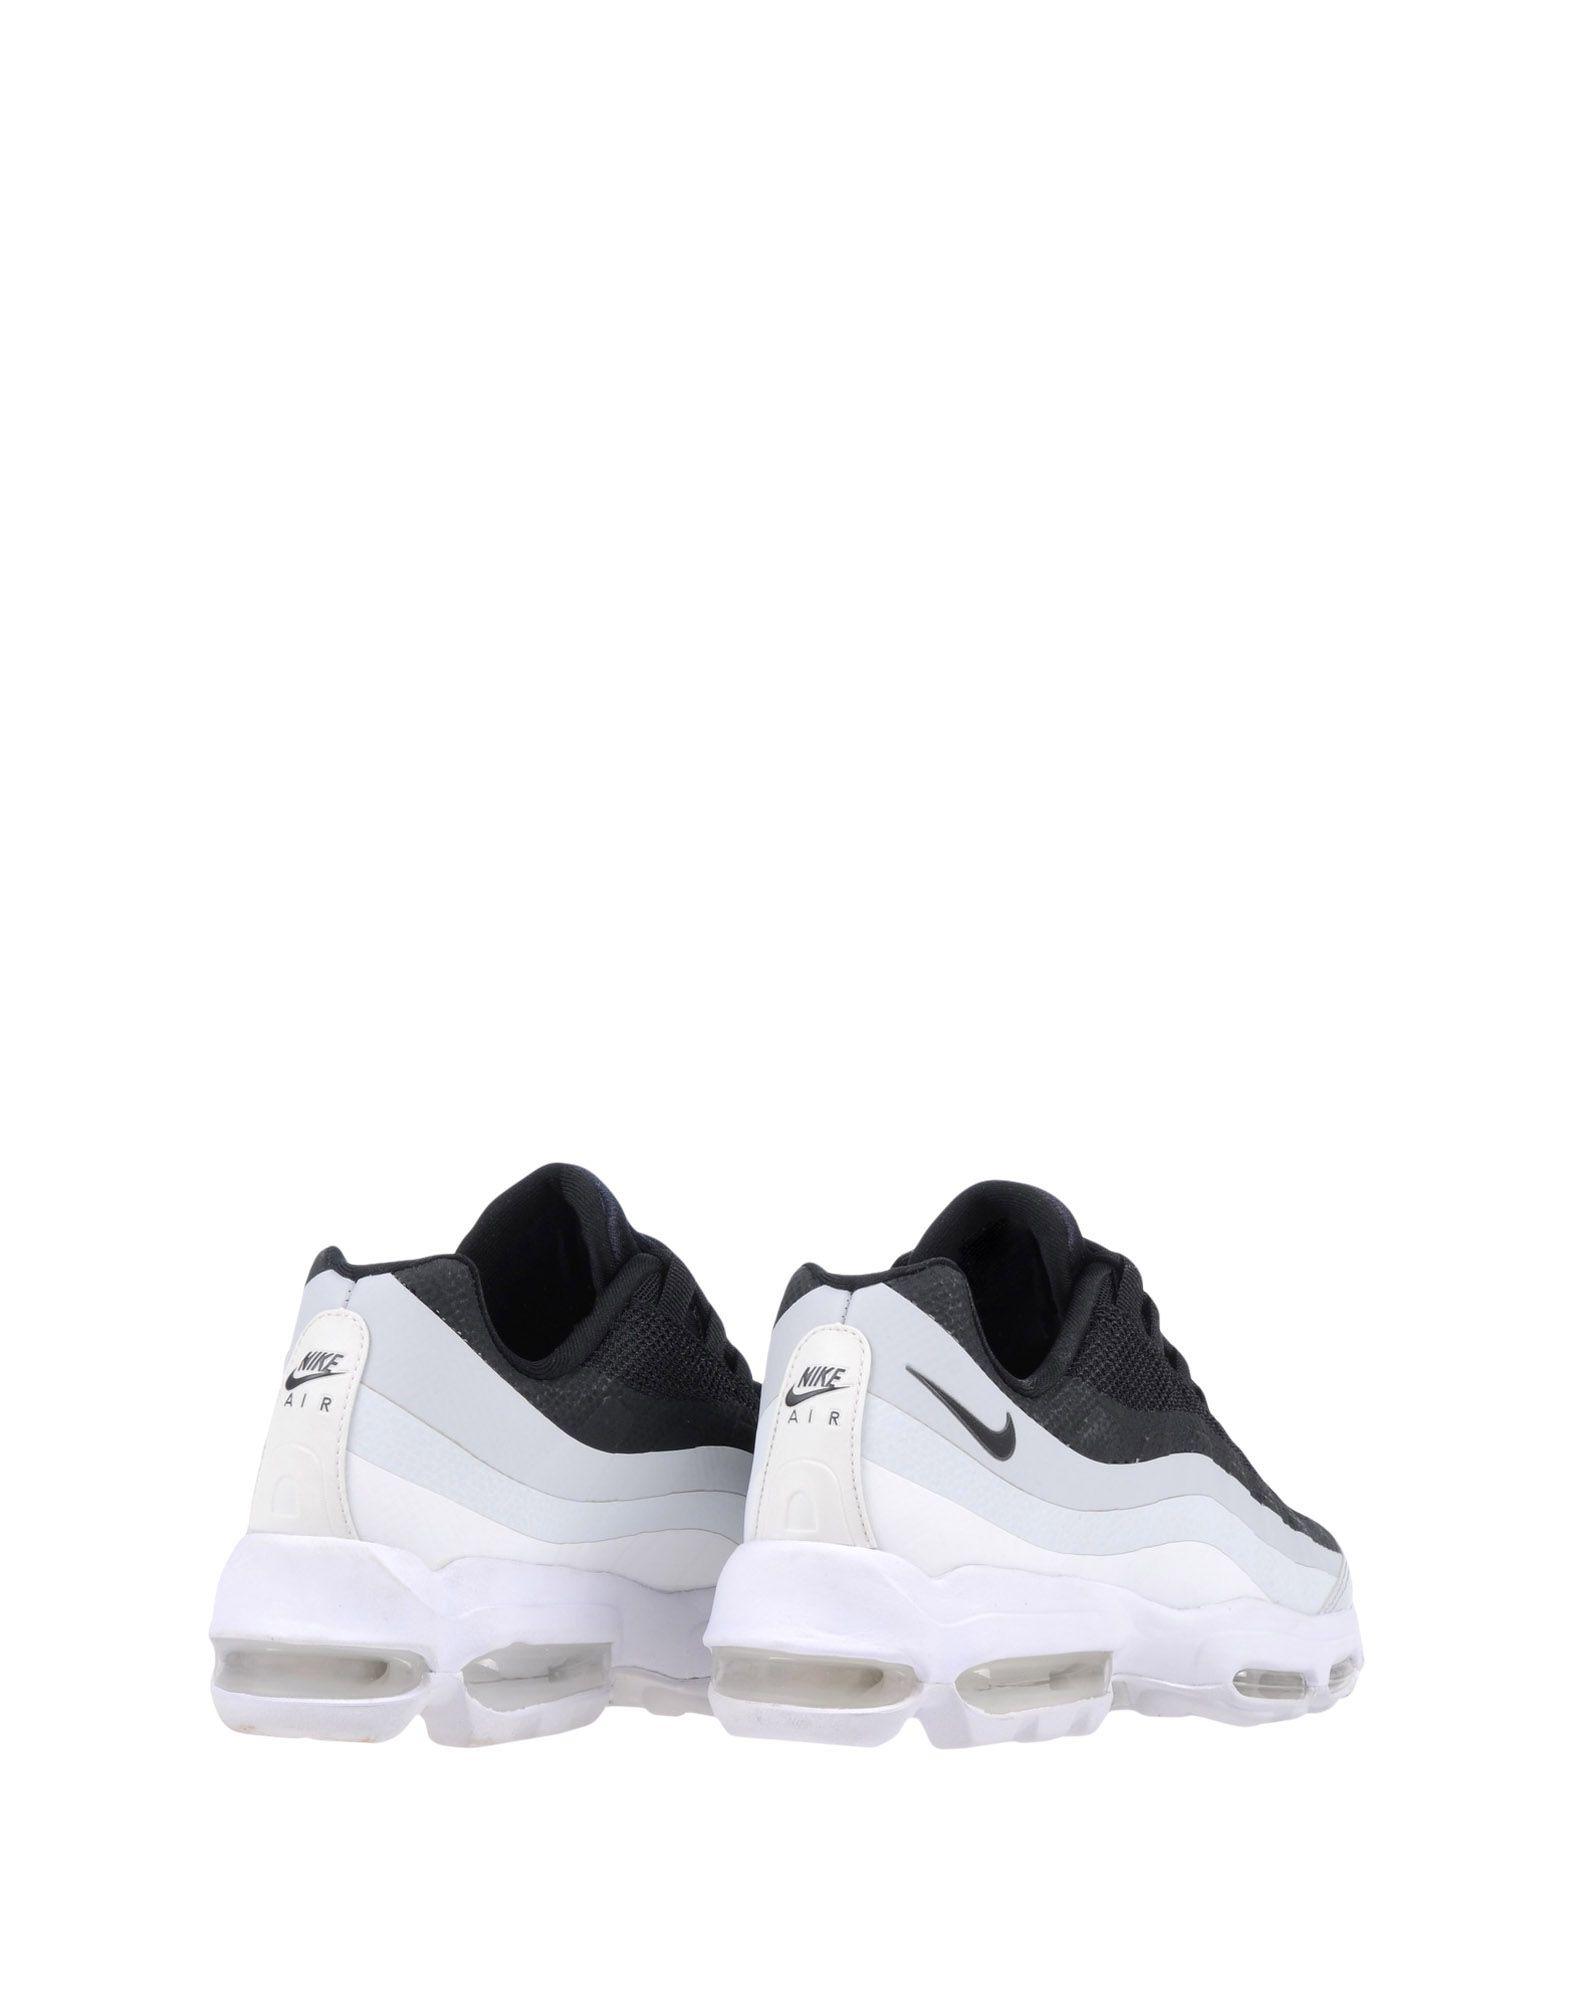 Sneakers Nike Air Max 95 Ultra Essential - Femme - Sneakers Nike sur ...